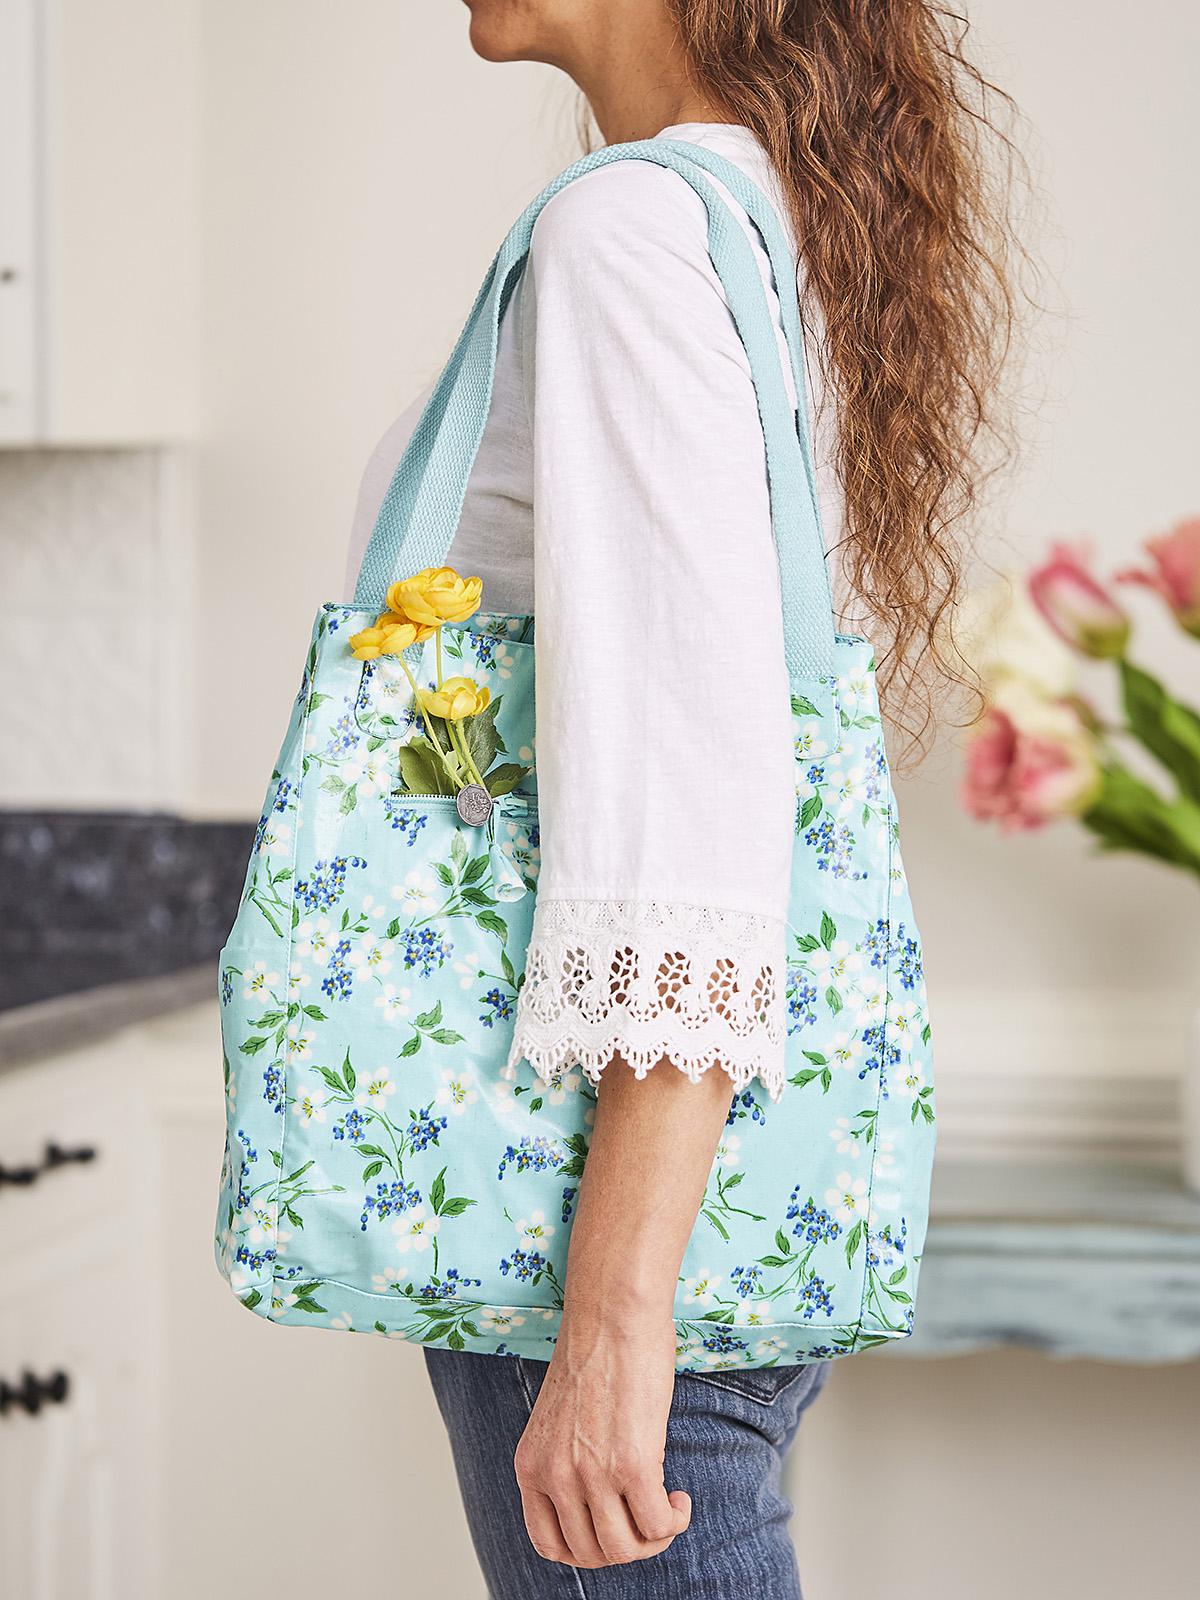 Spring Blossom Everyday Shopper